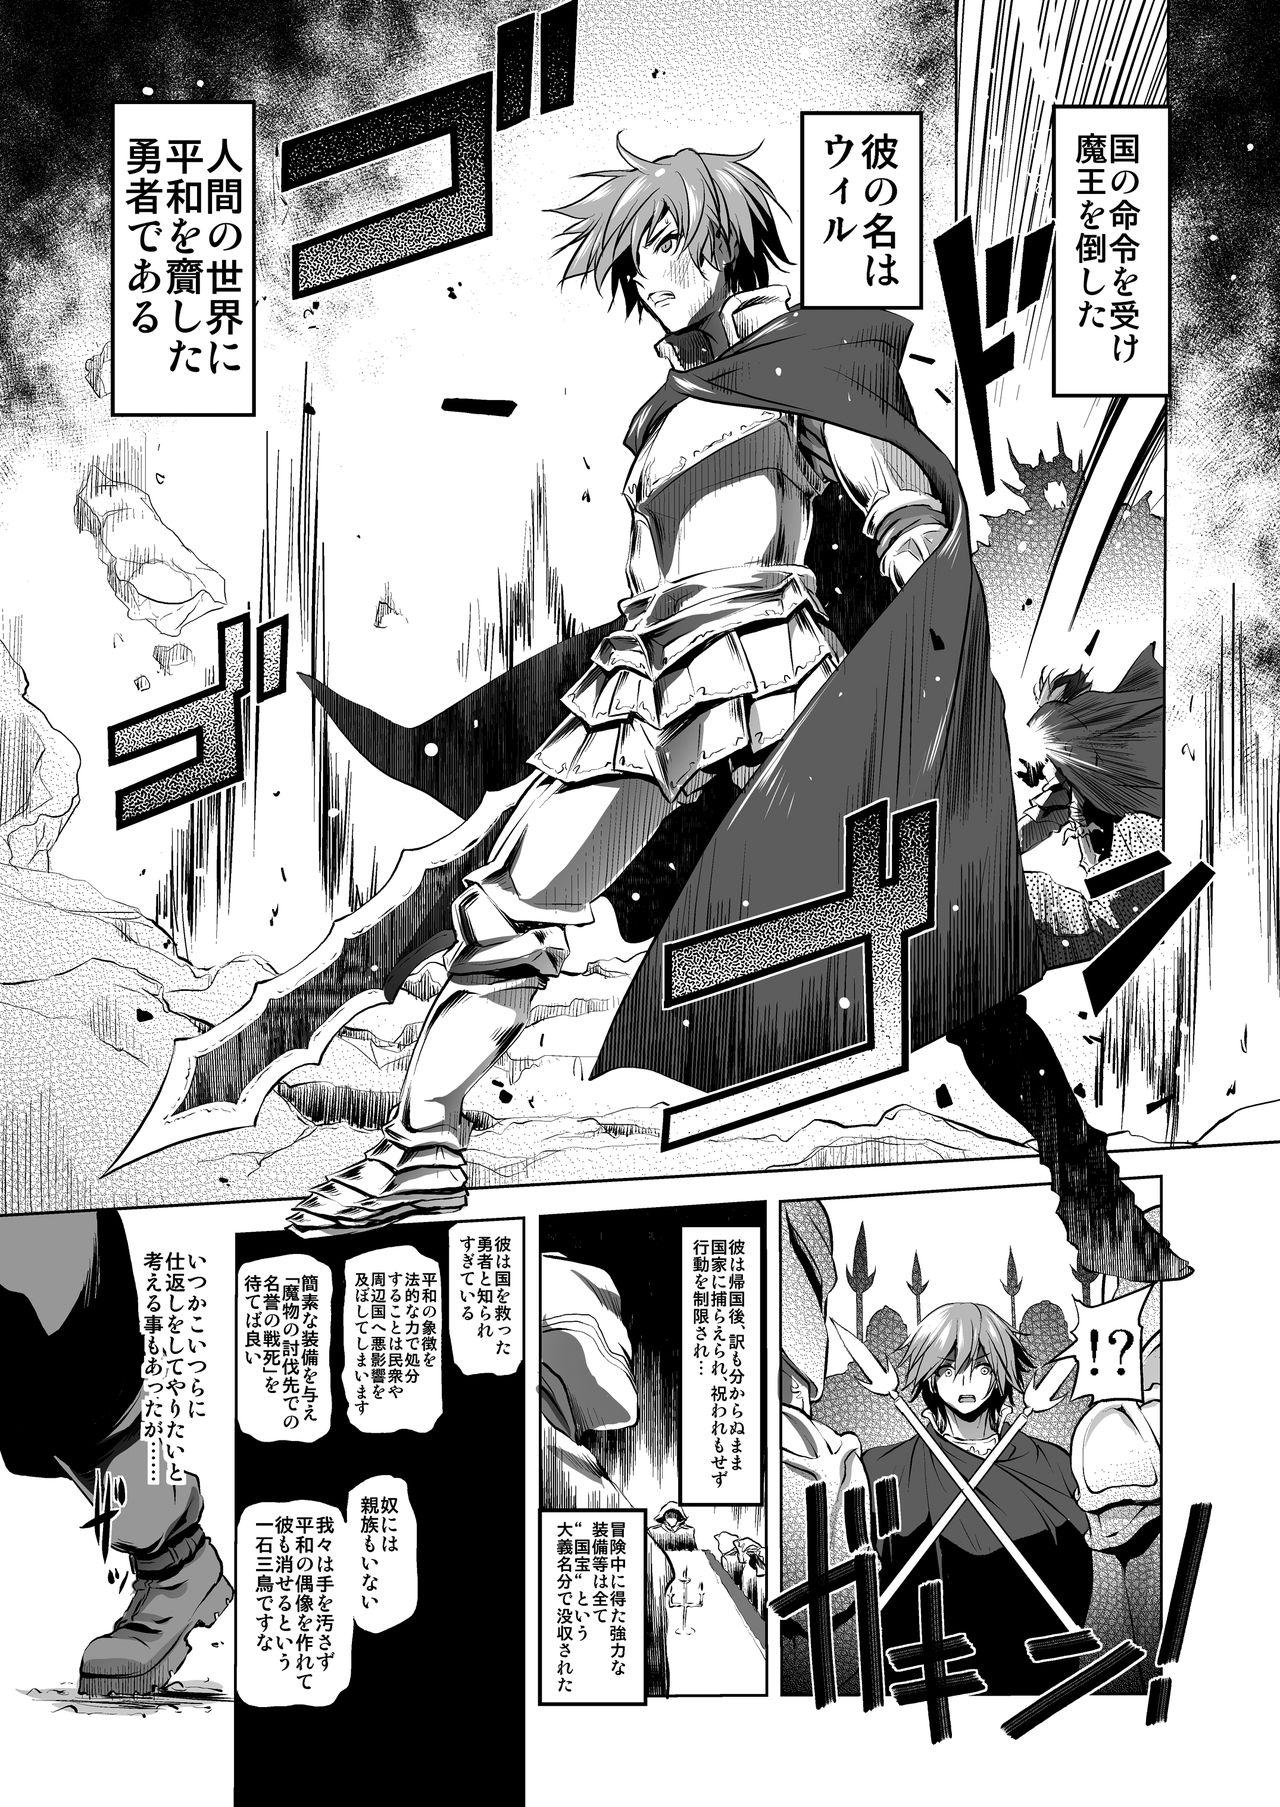 Okinodoku desu ga Bouken no Sho wa Kiete Shimaimashita 1